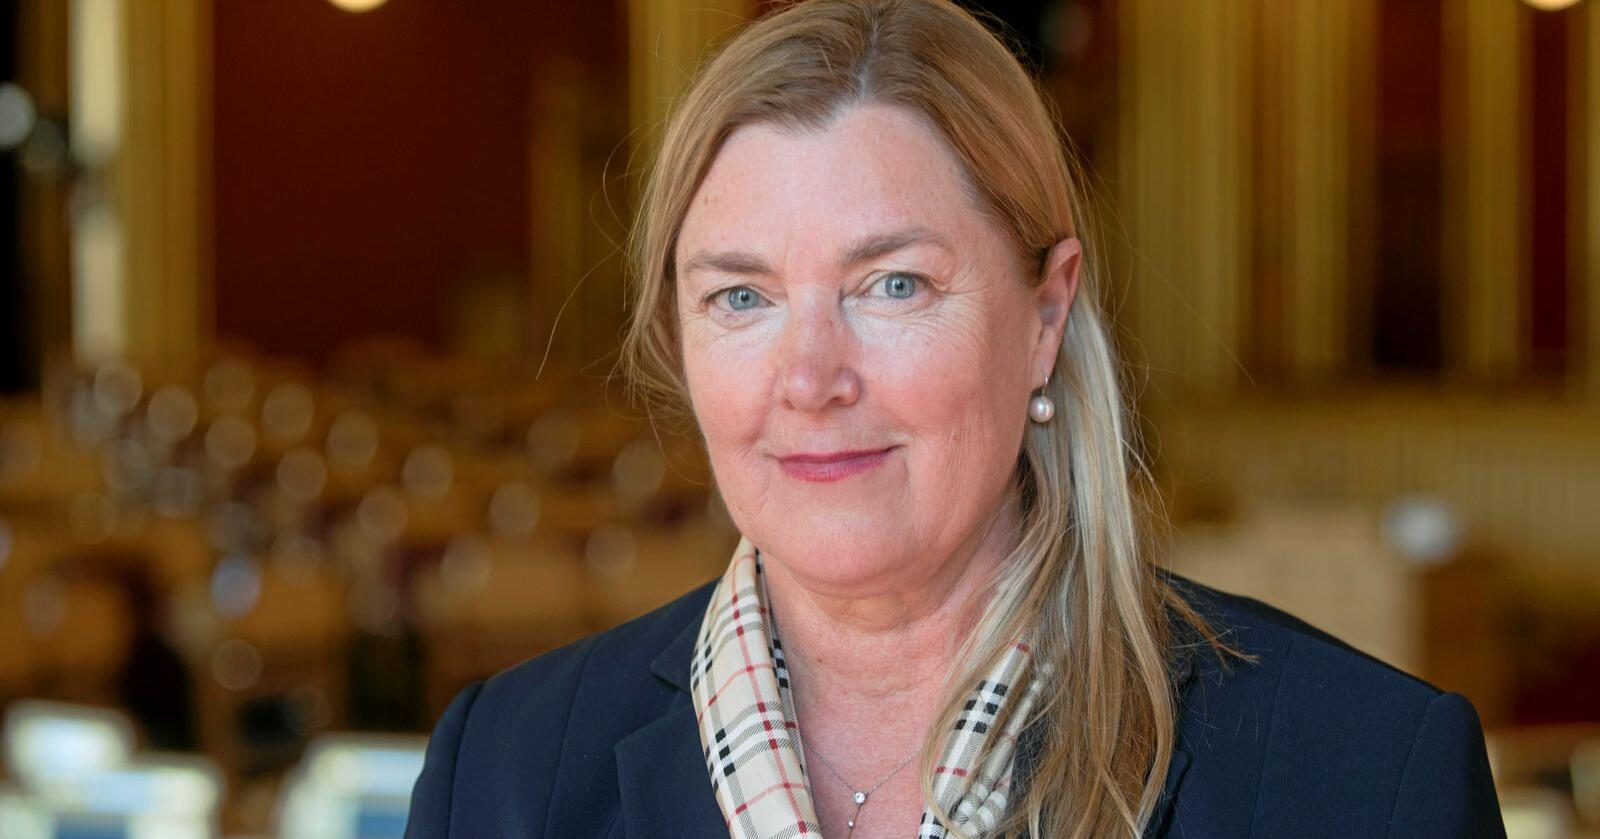 Norges vei ut av krisen handler om å skape mer og inkludere flere, skriver  stortingspolitiker Elin Agdestein (H). Foto: Terje Bendiksby / NTB scanpix